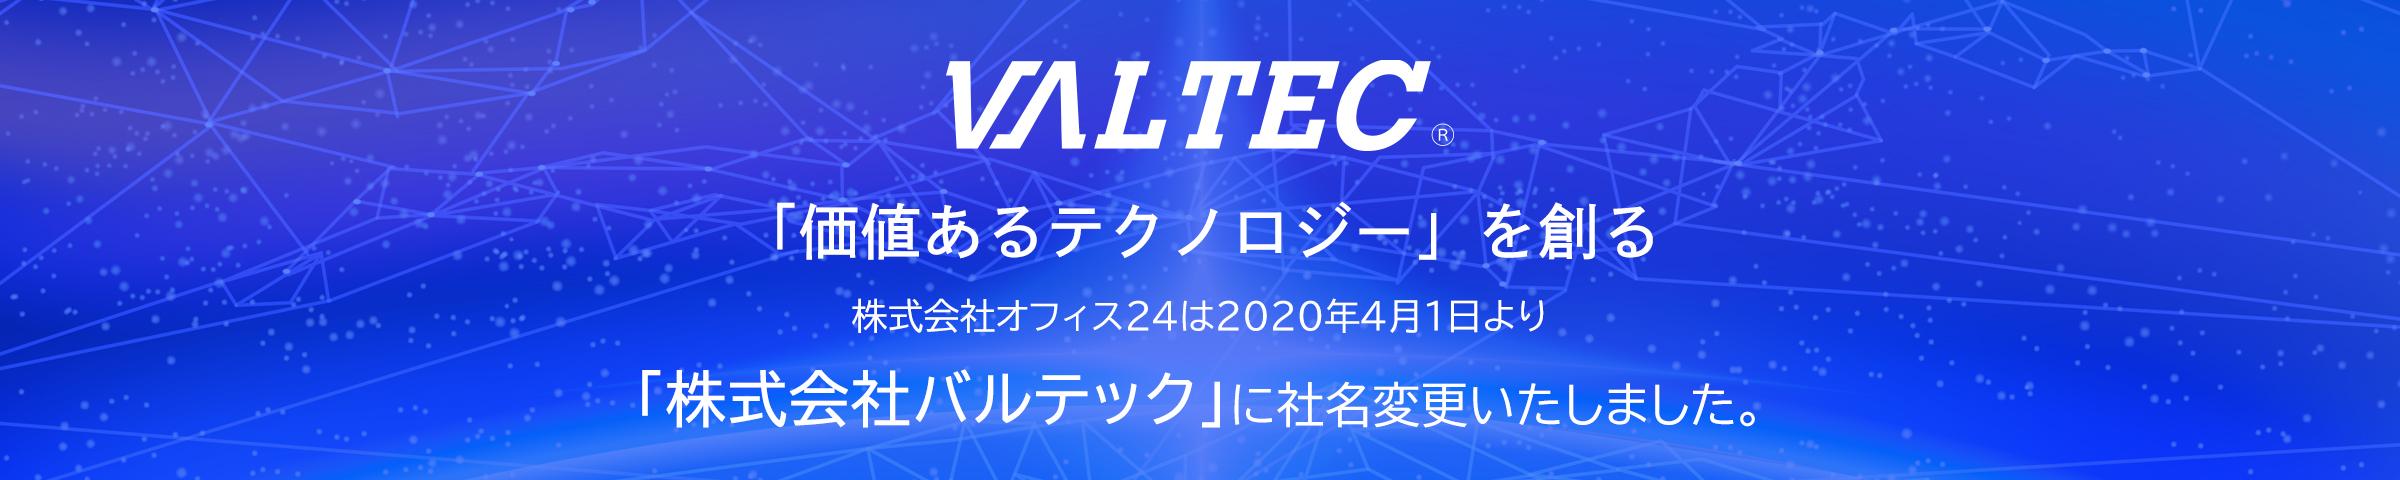 株式会社バルテック社名変更のお知らせ